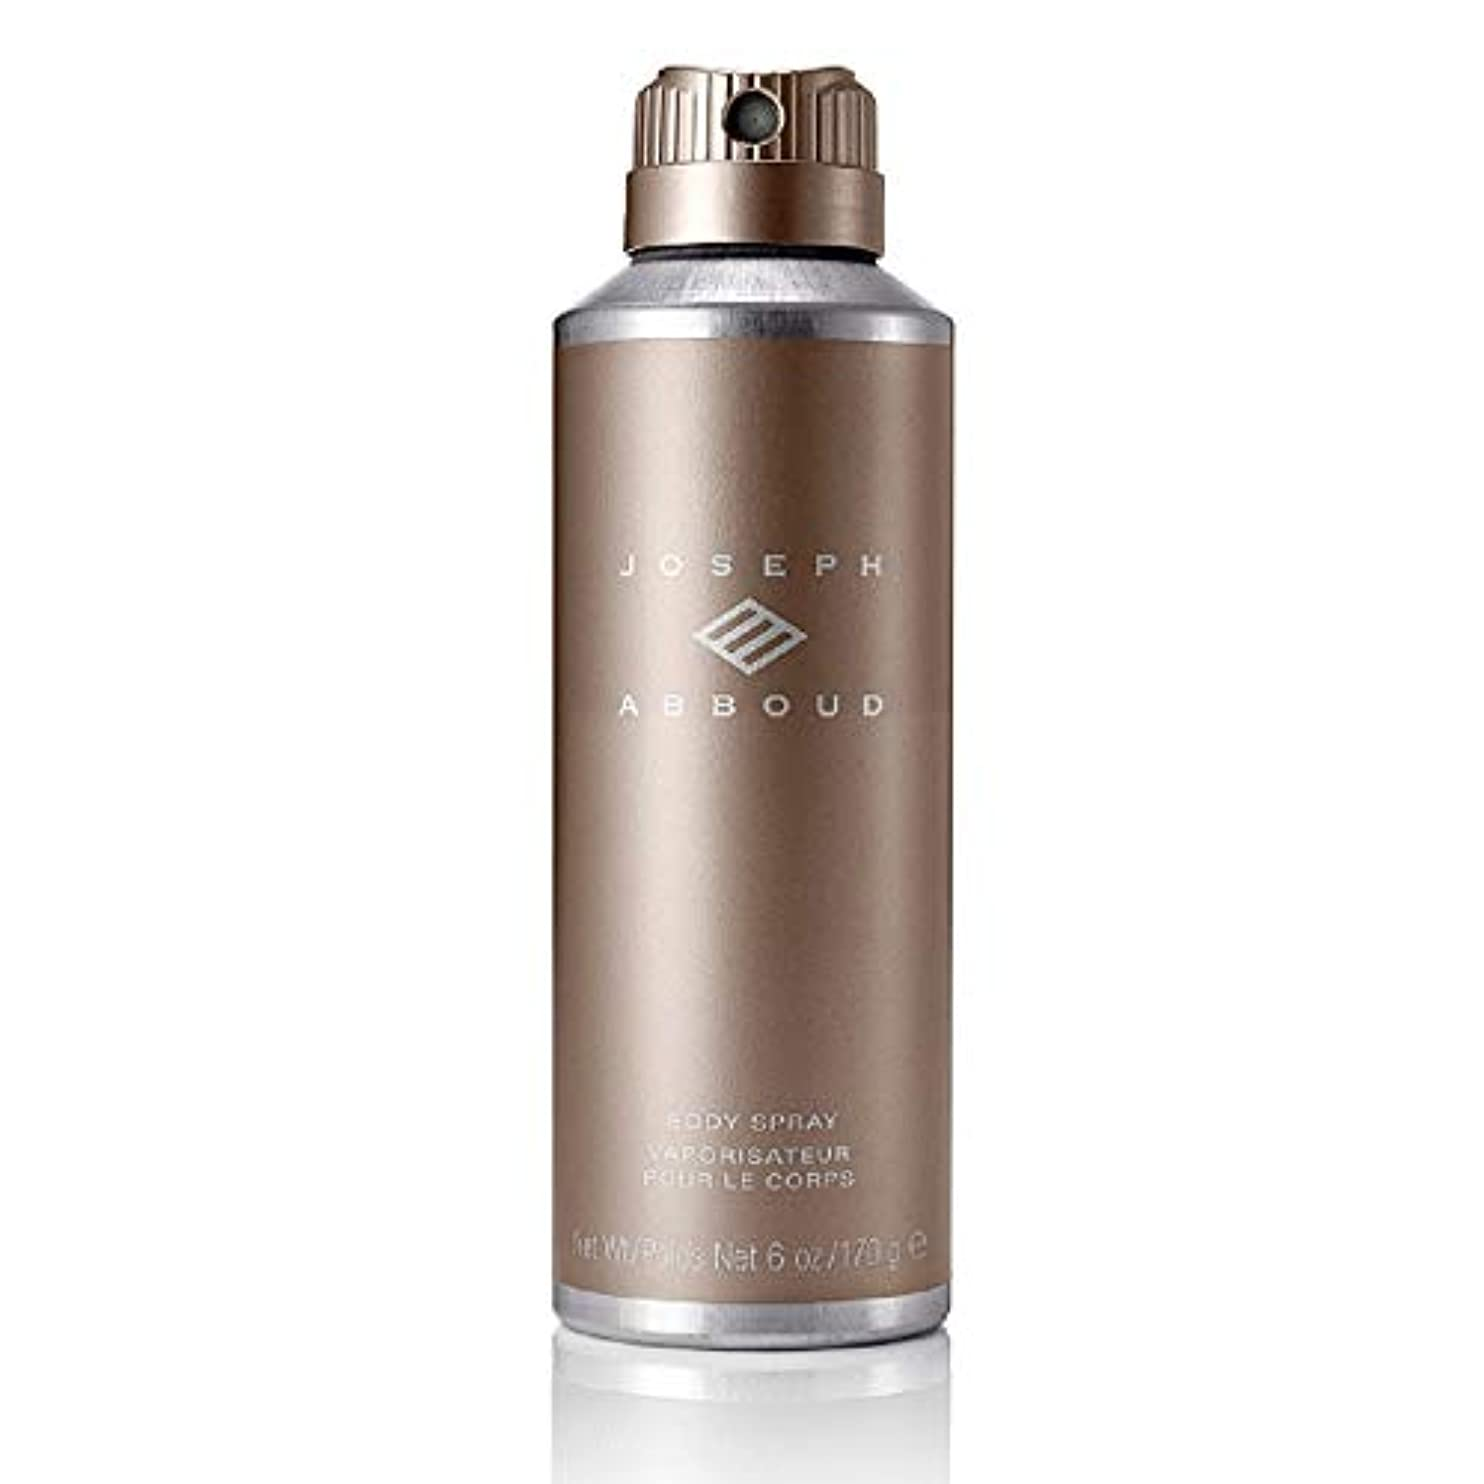 カポック軽蔑純粋なJoseph Abboud ボディスプレー - 男性のための洗練された、官能的なフレグランス香水 - 大胆な男性の香り - フレッシュシトラス。竹、ラベンダー、ゼラニウム、セージ - 6オズ